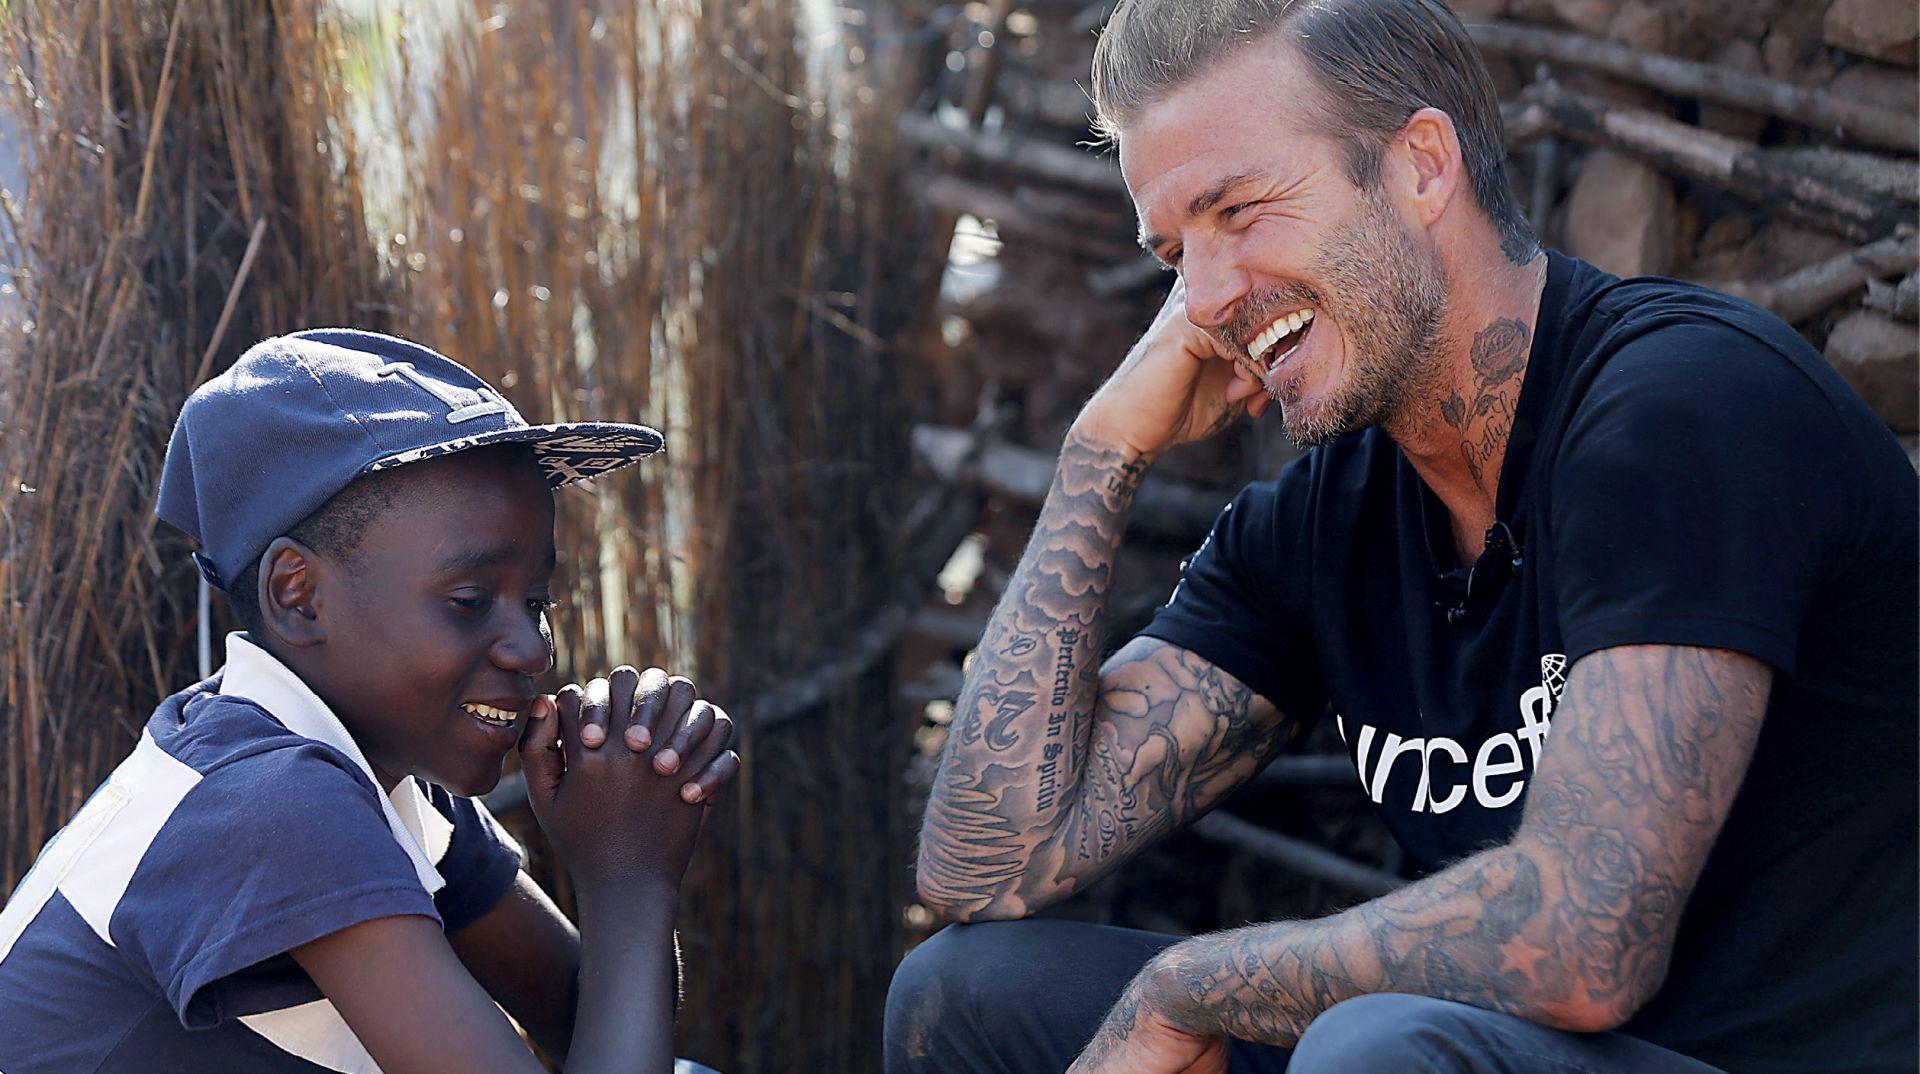 NACIONAL EKSKLUZIVNO: TAMNA STRANA DAVIDA BECKHAMA: UNICEF je koristio za vlastitu promociju